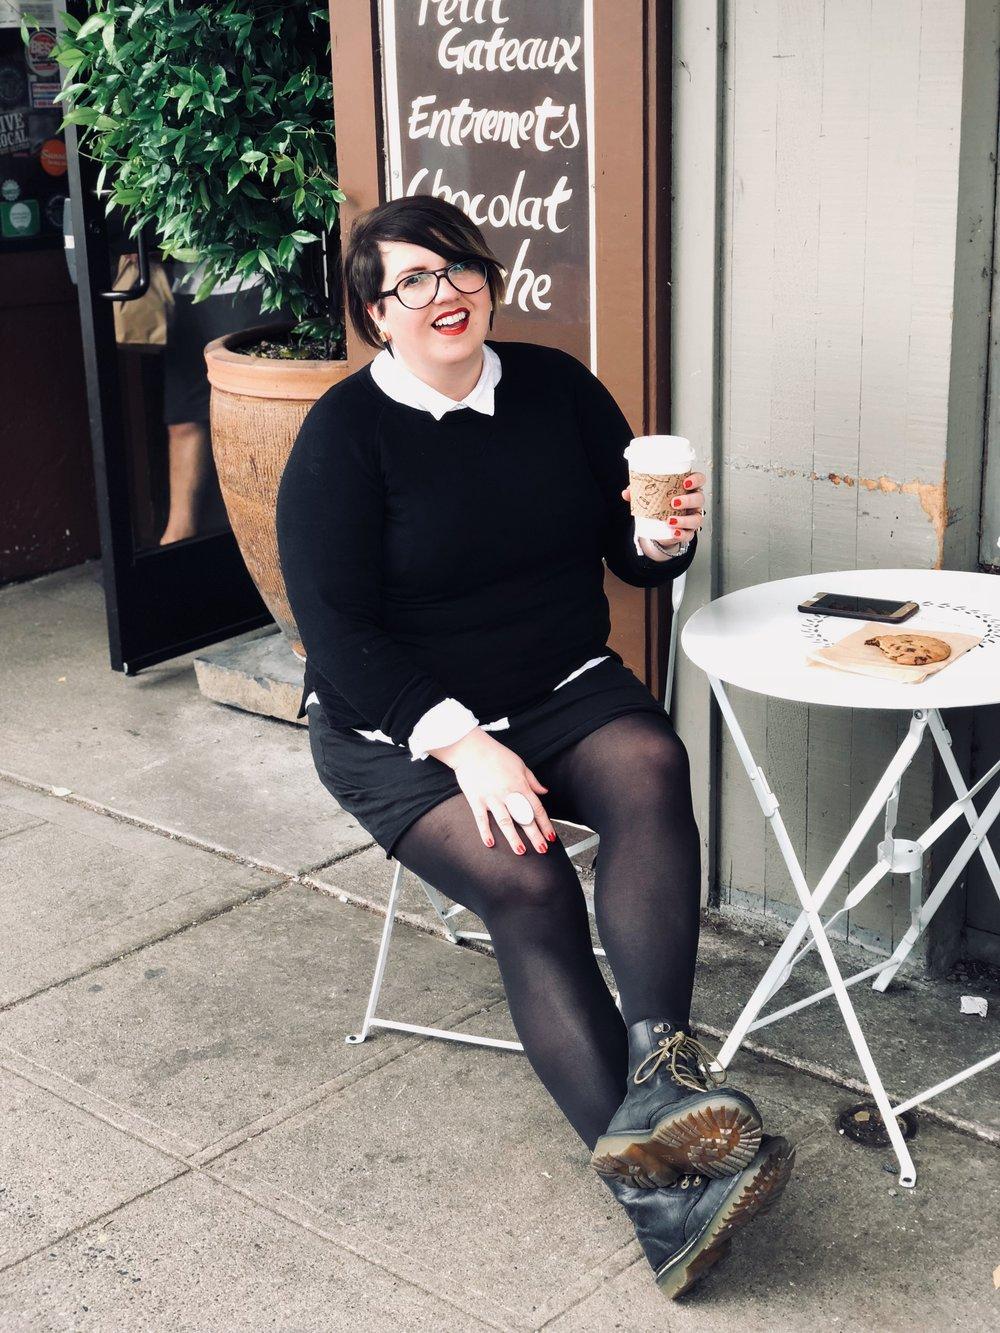 Mandy Zelnka West Seattle 2018 photo by @MayorFerg-1.jpg